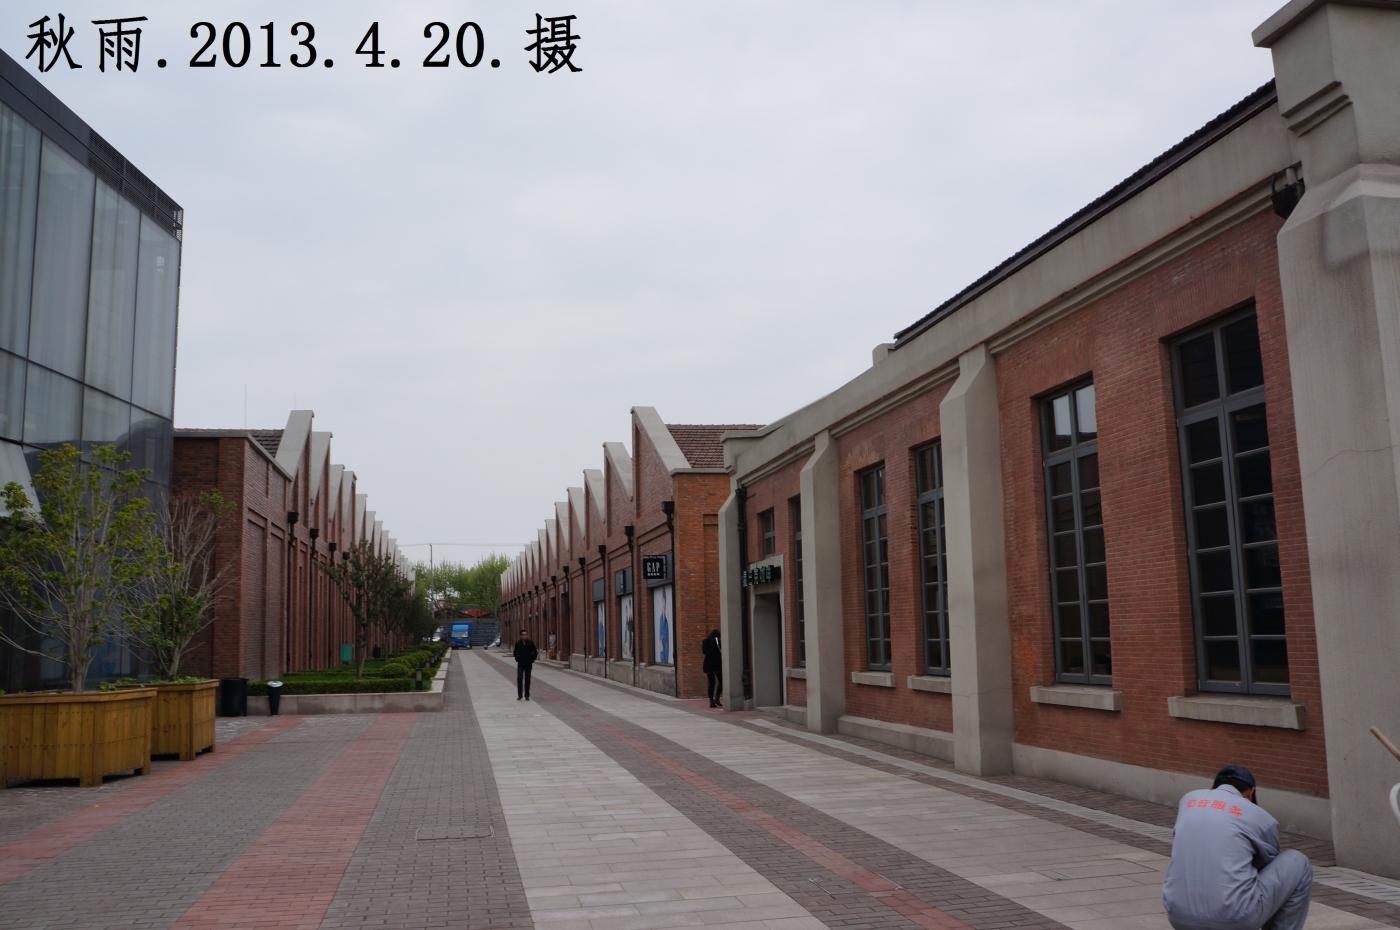 上海国际时尚中心,原国棉十七厂旧址(1),修旧如旧。摄影原创。 ..._图1-7